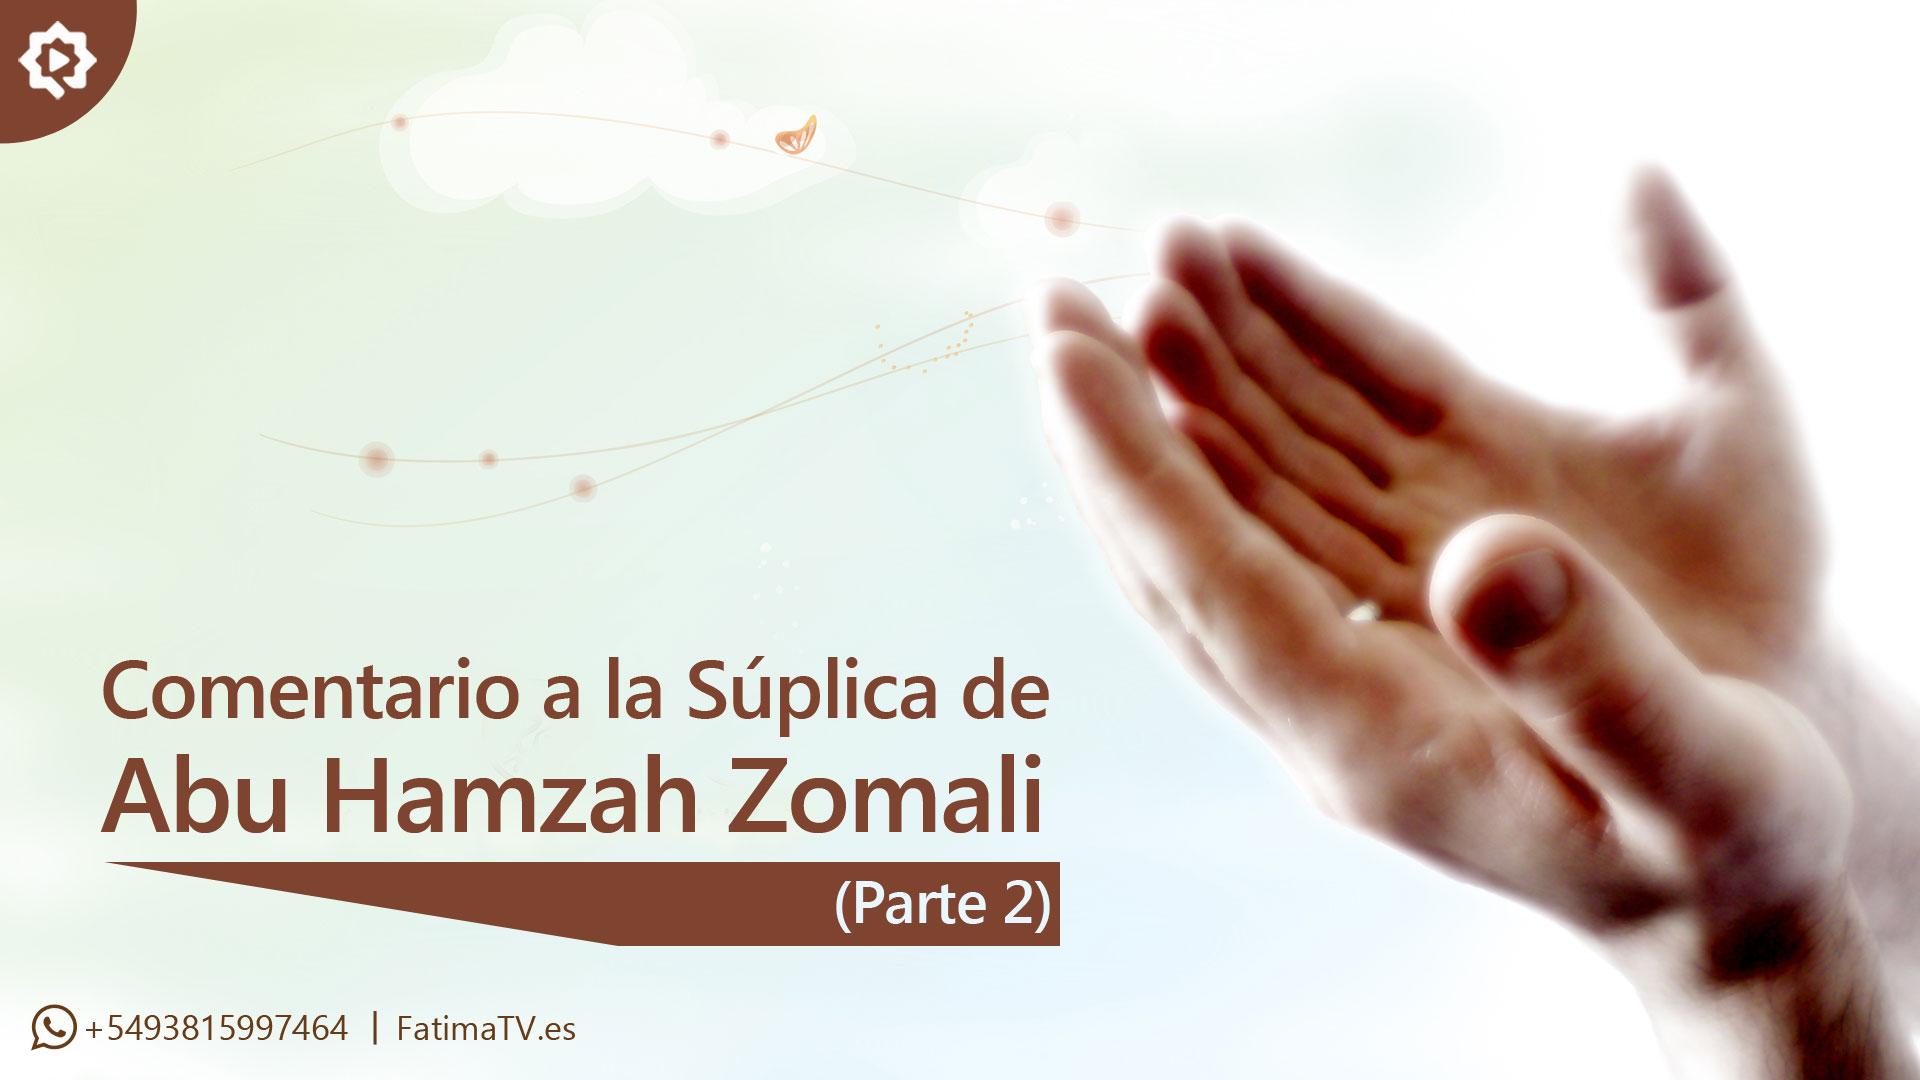 Comentario a la Súplica de Abu Hamzah Zomali (2)